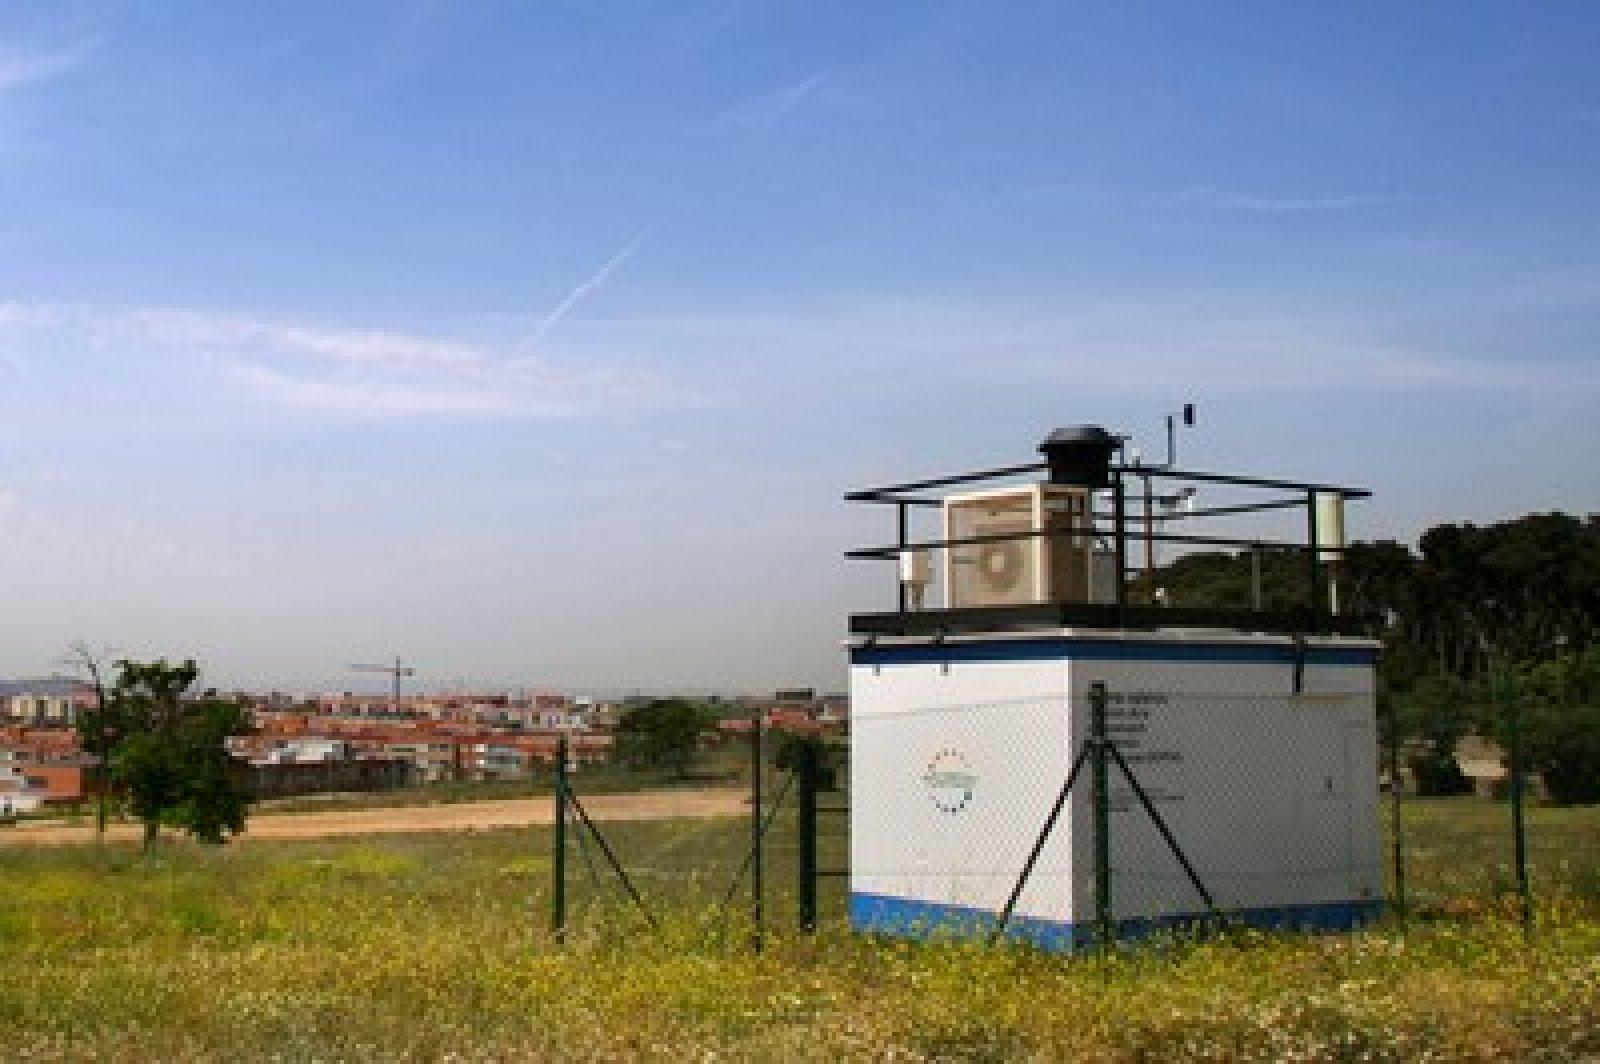 Cabina de control dels nivells d'ozó troposfèric